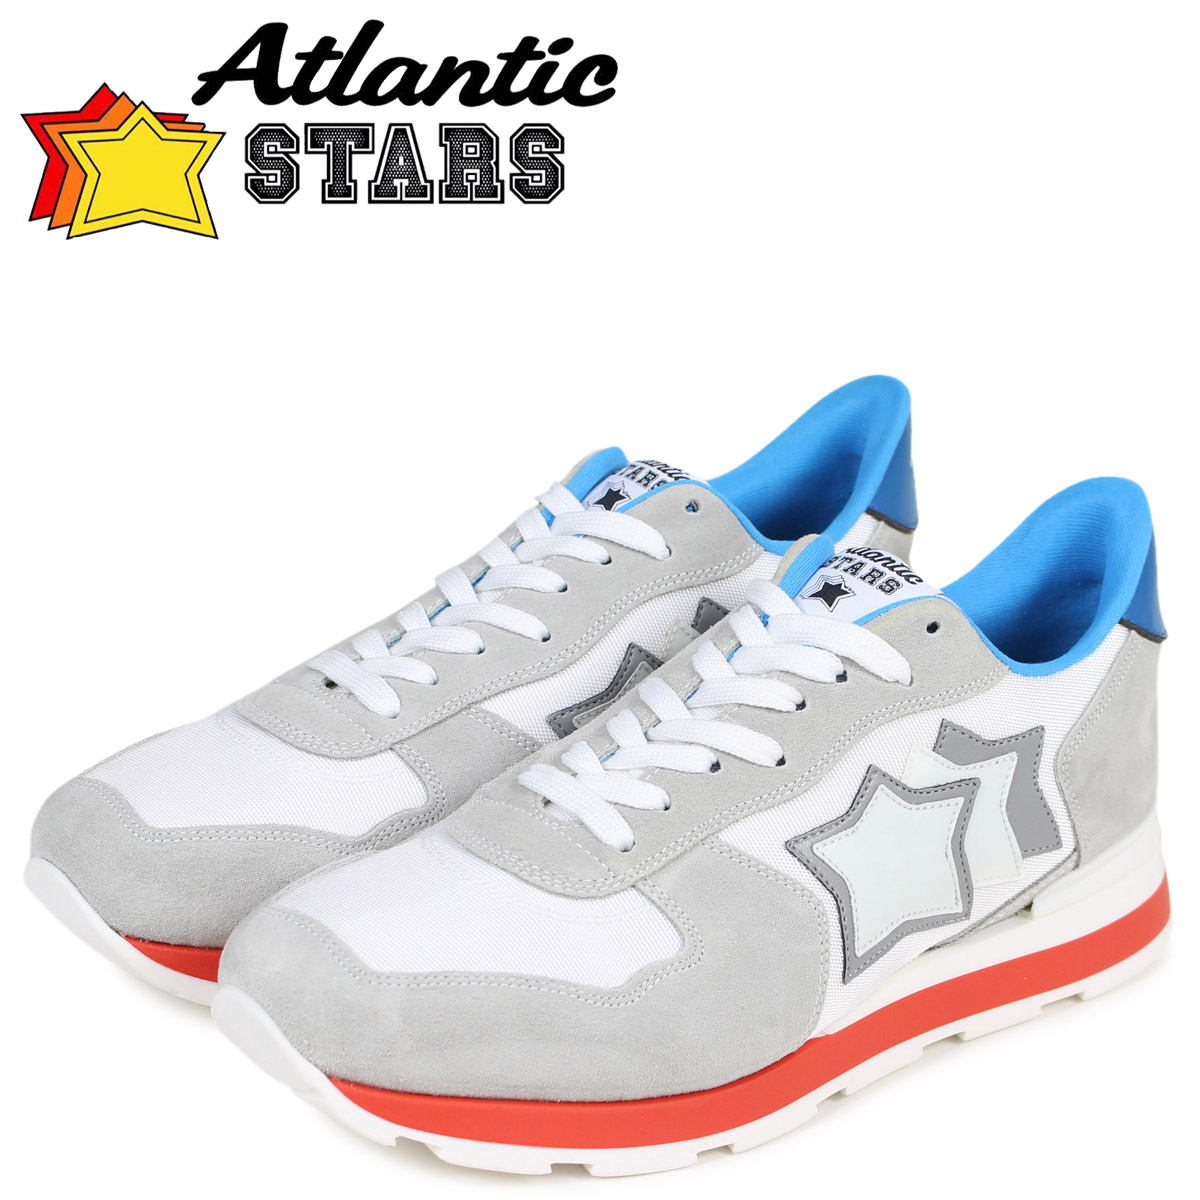 アトランティックスターズ メンズ スニーカー Atlantic STARS アンタレス ANTARES BBI-35B ライトグレー [1/15 追加入荷]